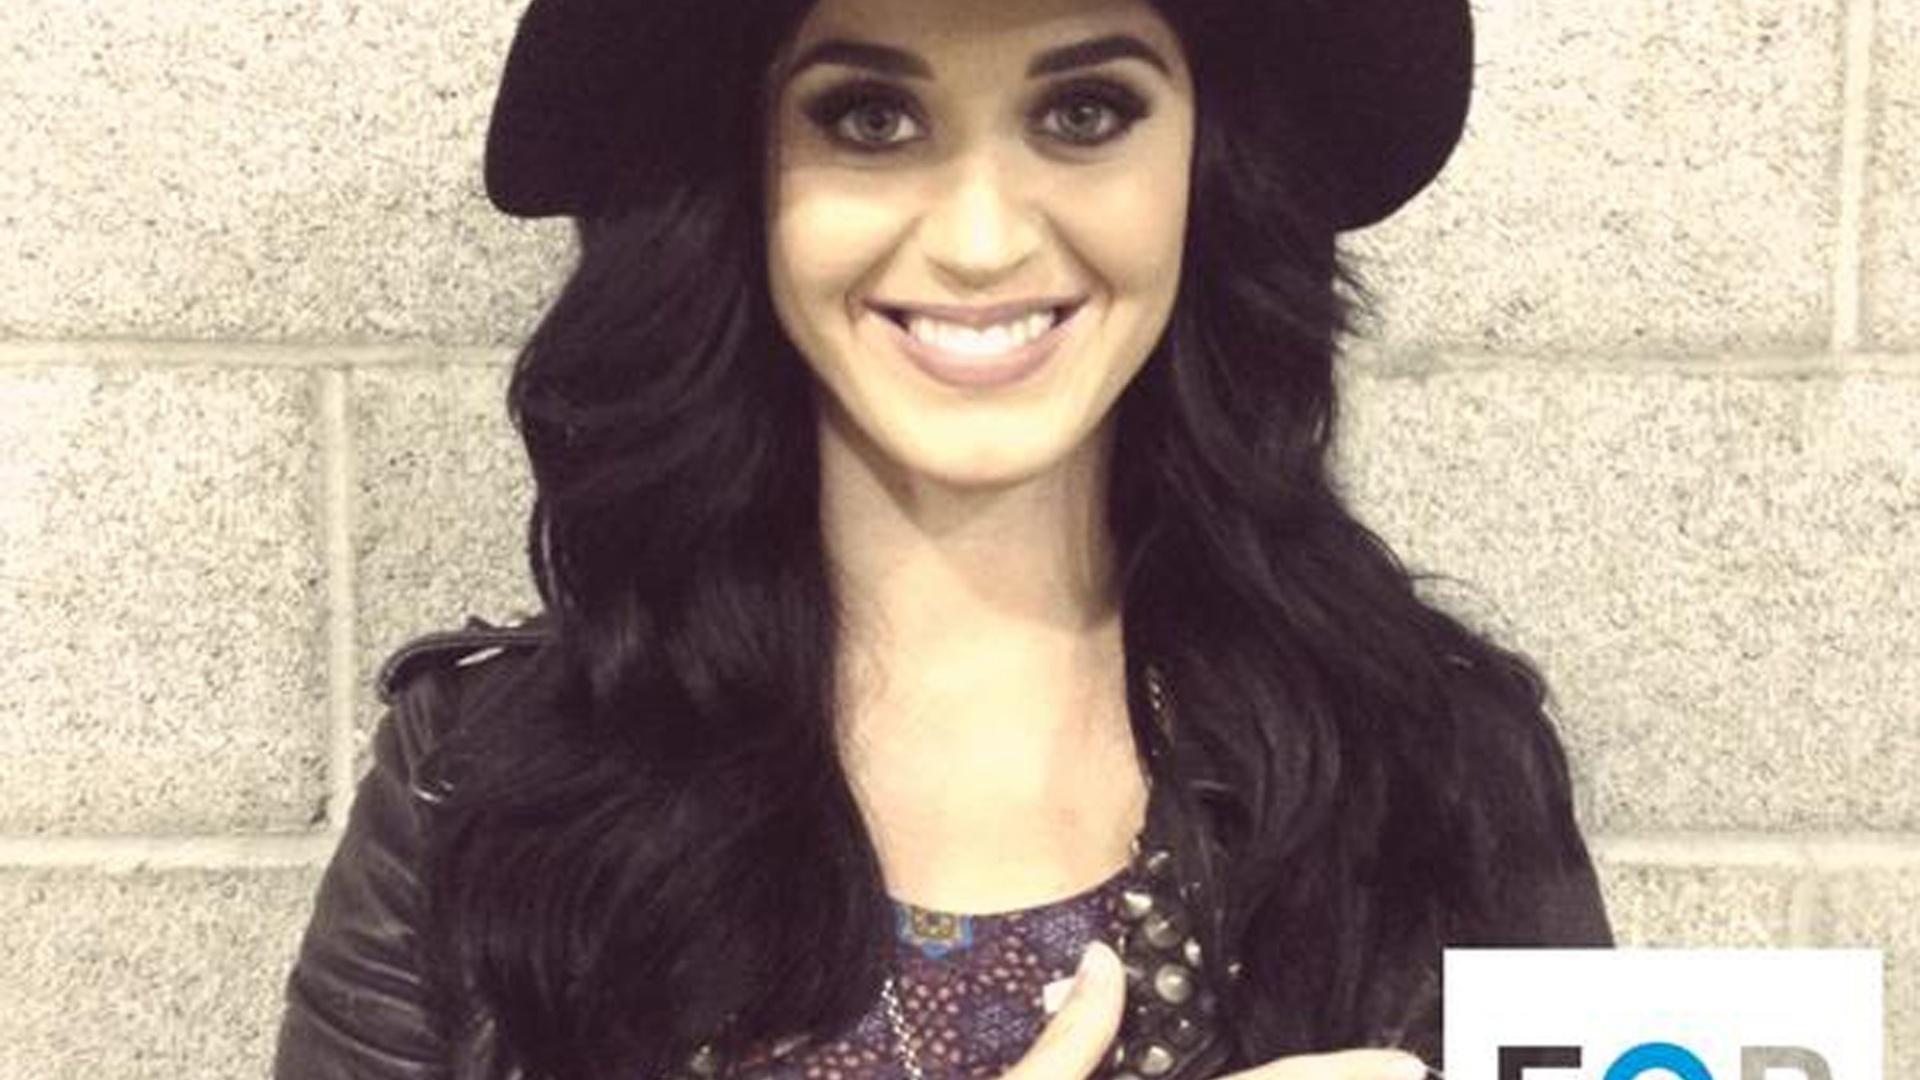 9.out.12 - A cantora pop Katy Perry participa ativamente da campanha pela reeleição de Barack Obama. Ela fez um show para o presidente dos EUA, em Los Angeles, e publicou em seu perfil no microblog Twitter: